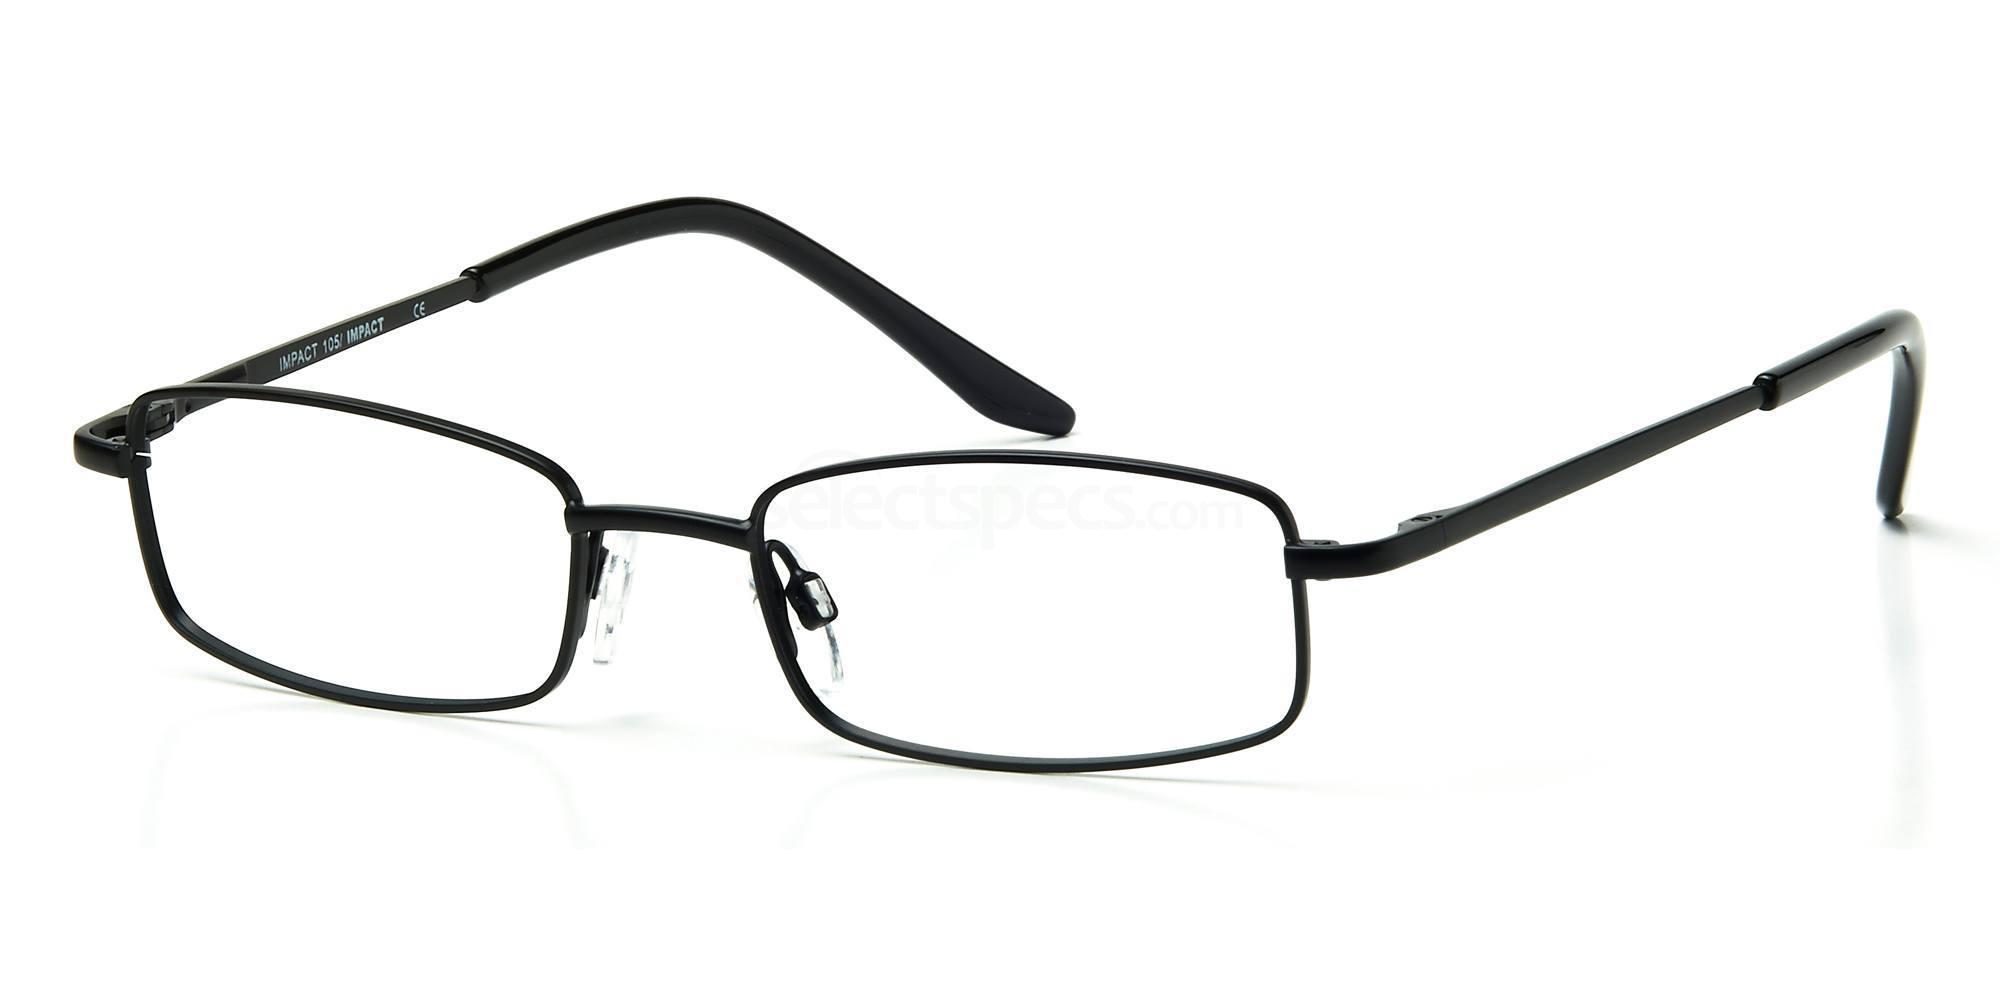 C1 IMPACT105 Glasses, Impact